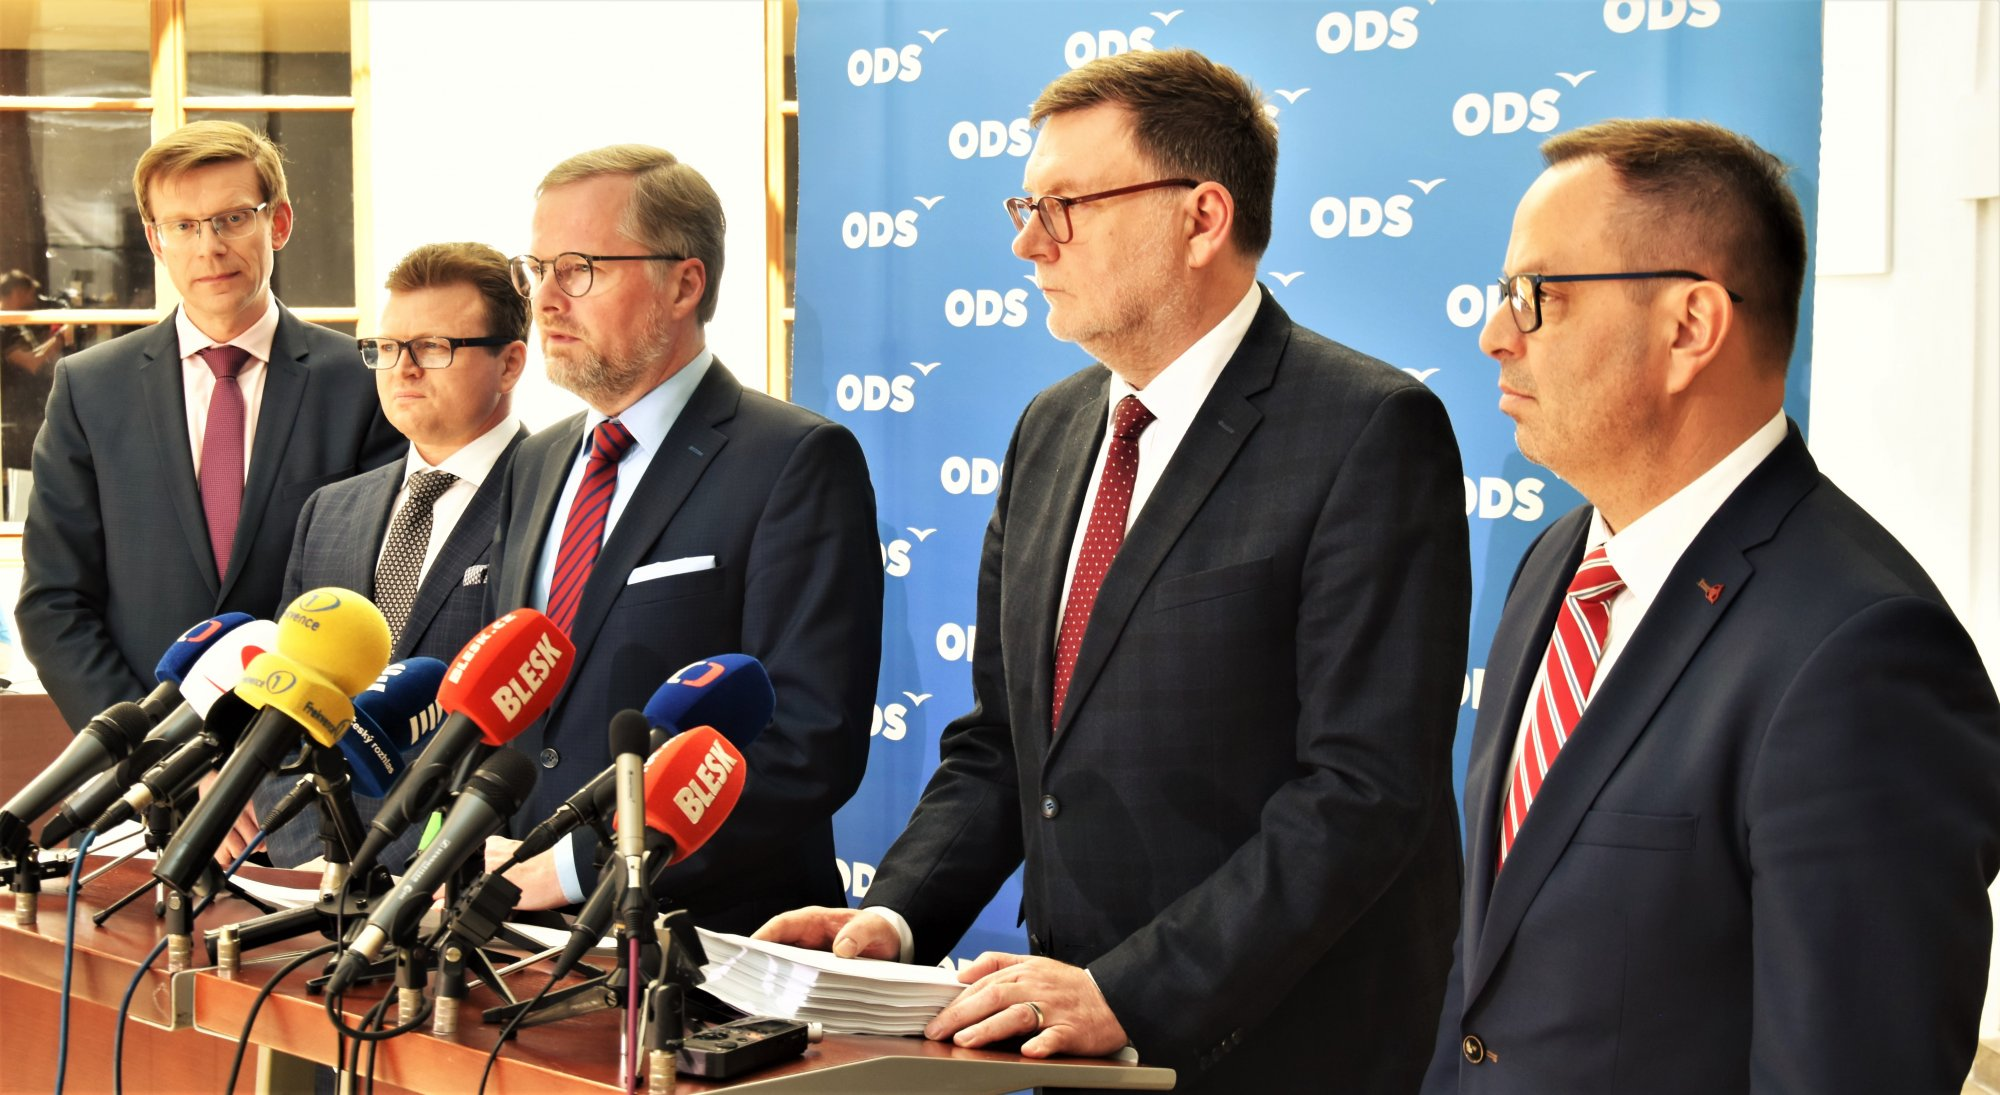 ODS: Sněmovna bude hlasovat o našich návrzích pro podporu OSVČ a zaměstnanců